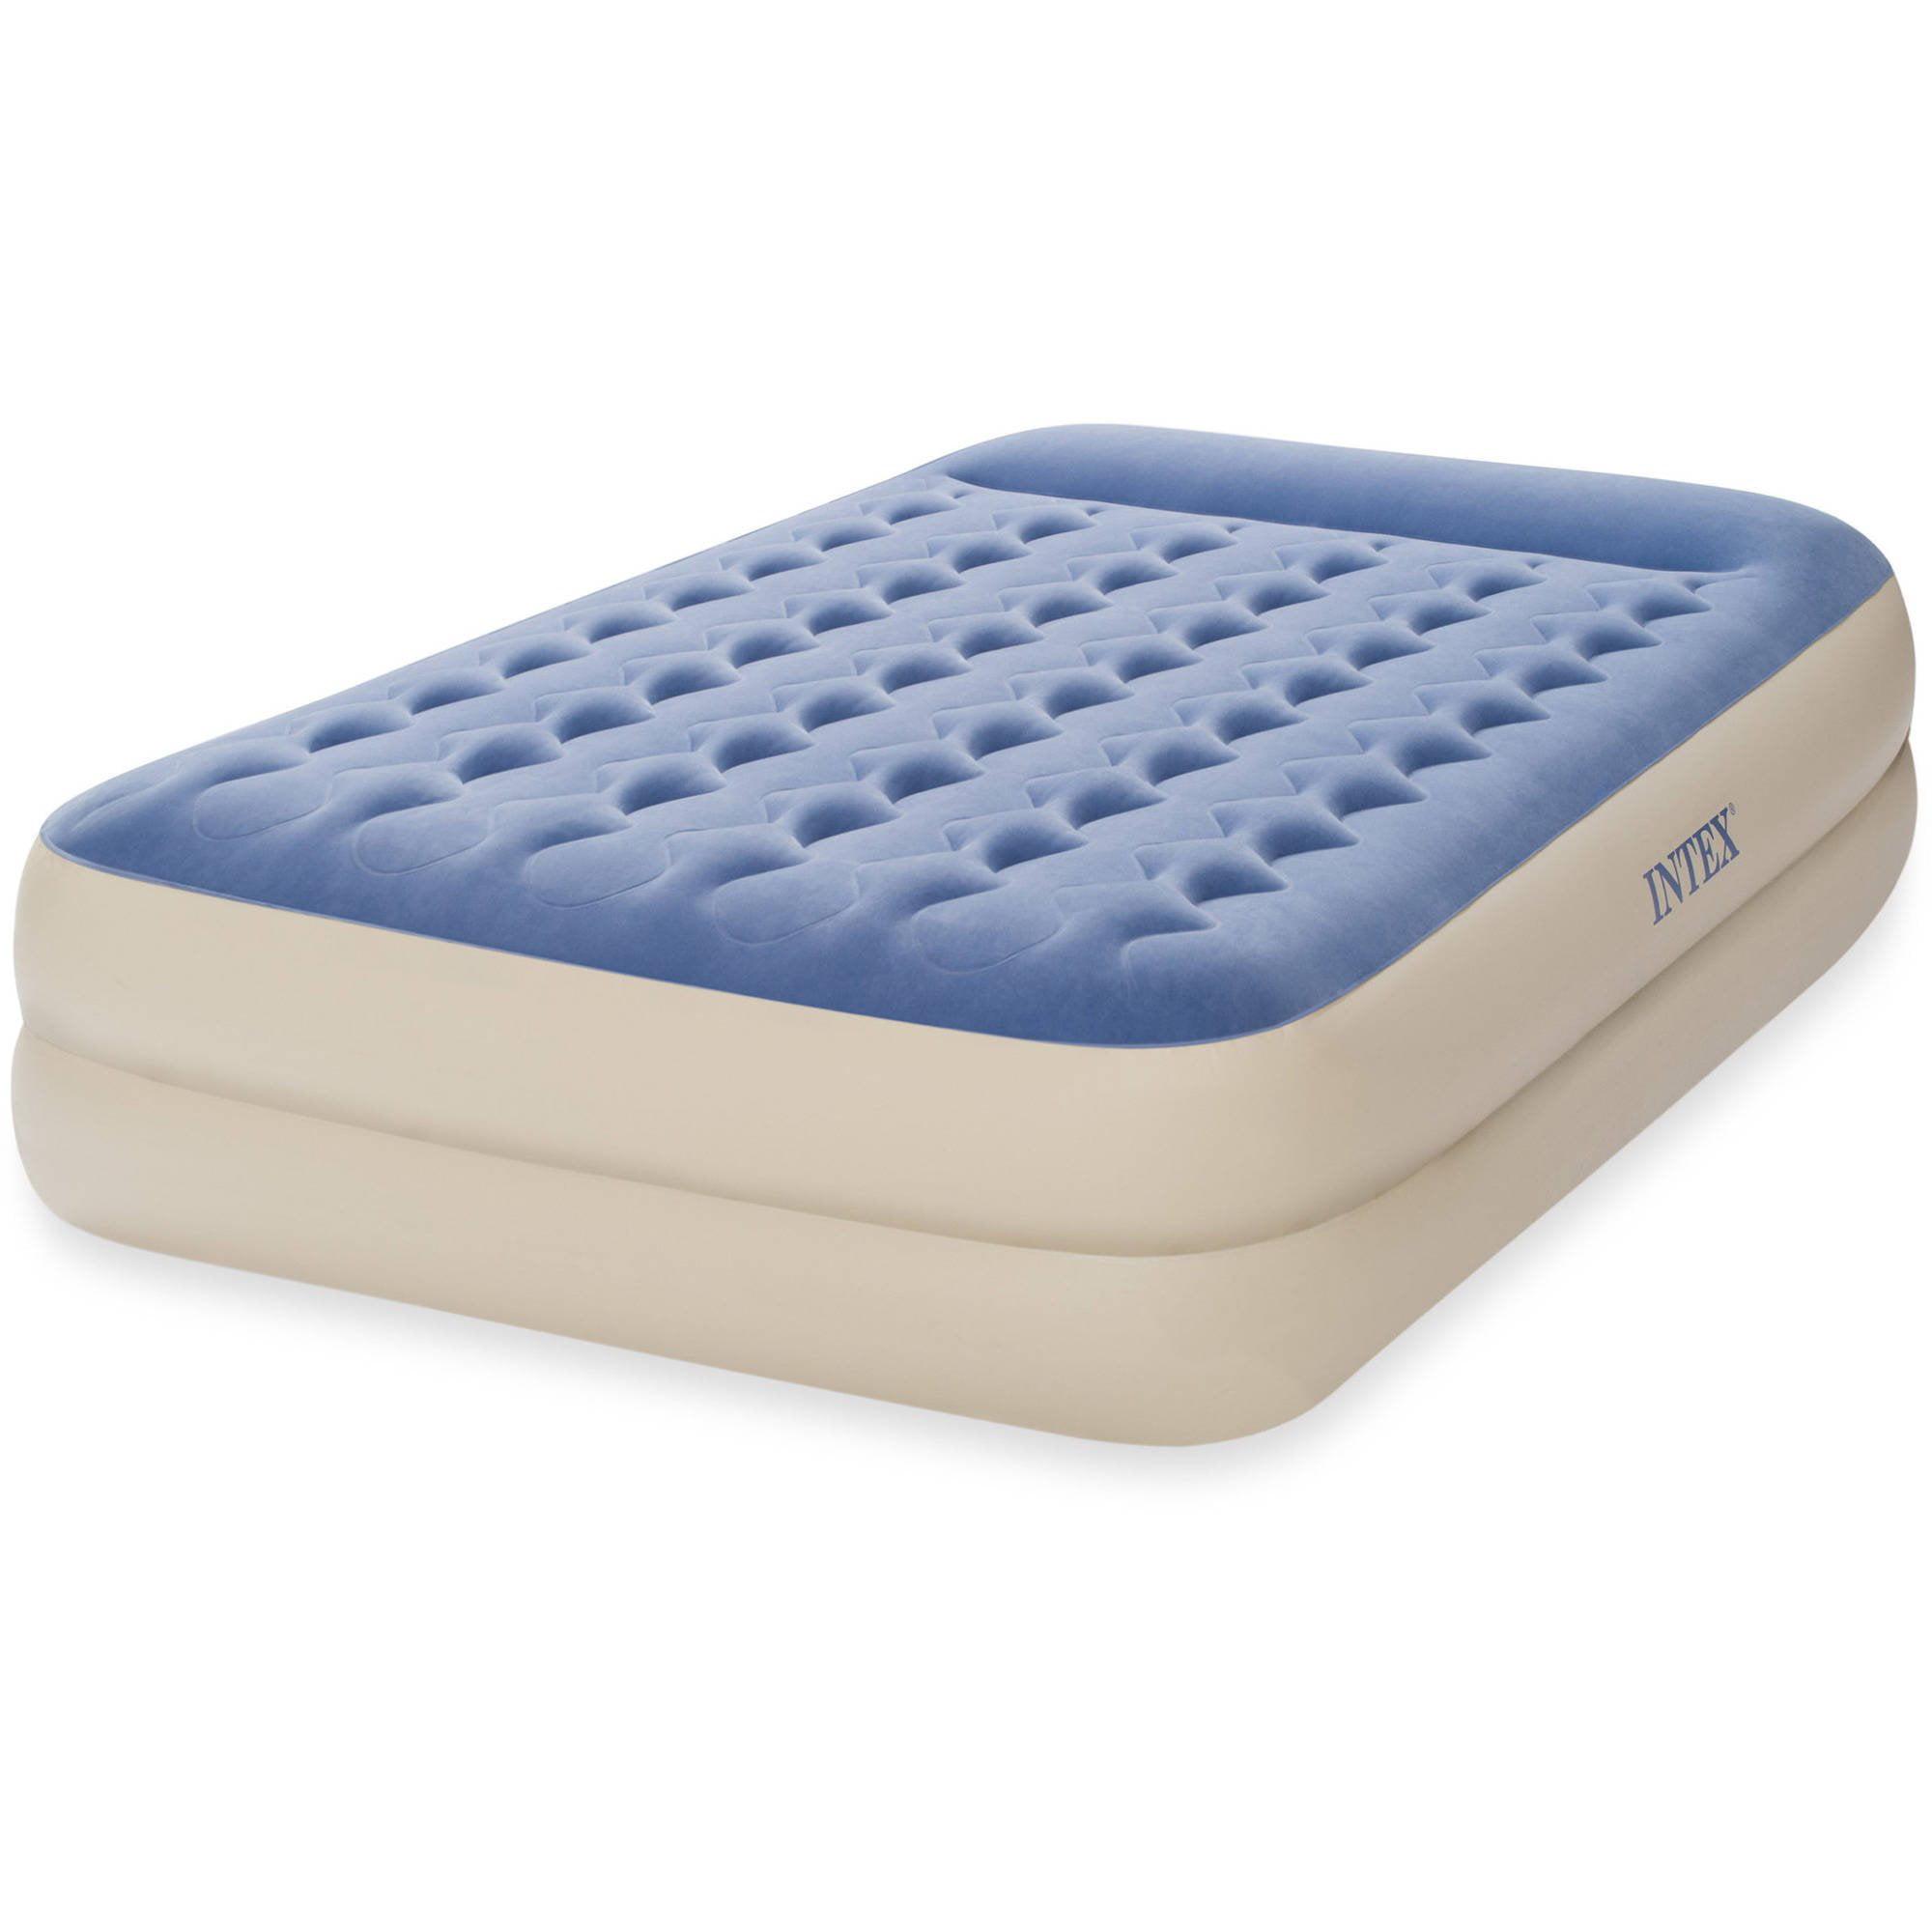 Intex 18 Dura Beam Standard Raised Pillow Rest Air Mattress